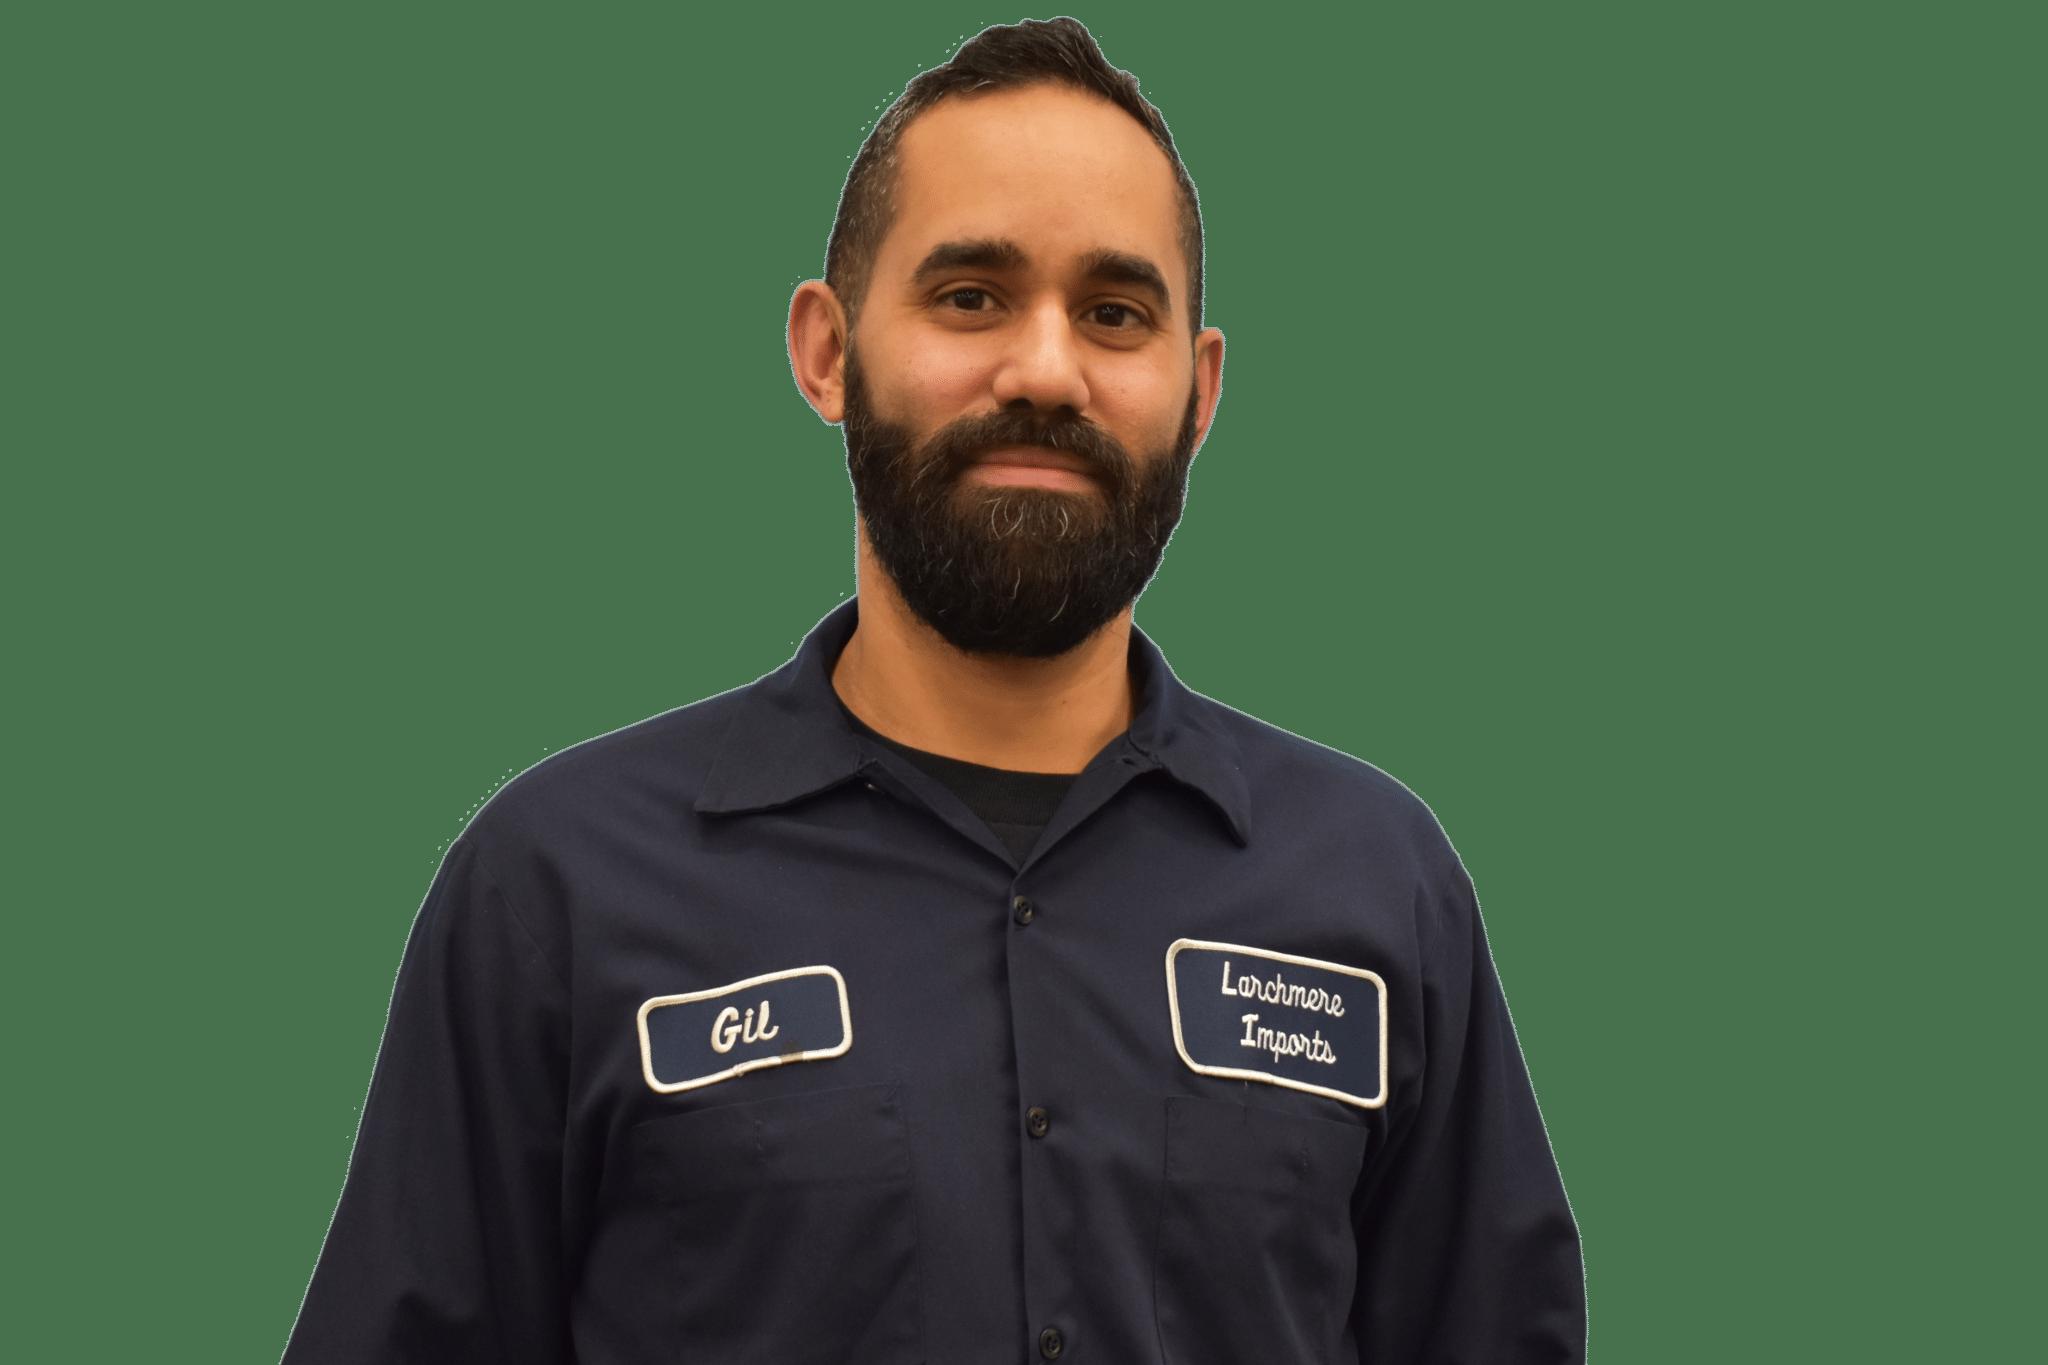 Gilbert Rivera Auto Repair Technician Larchmere Imports Cleveland